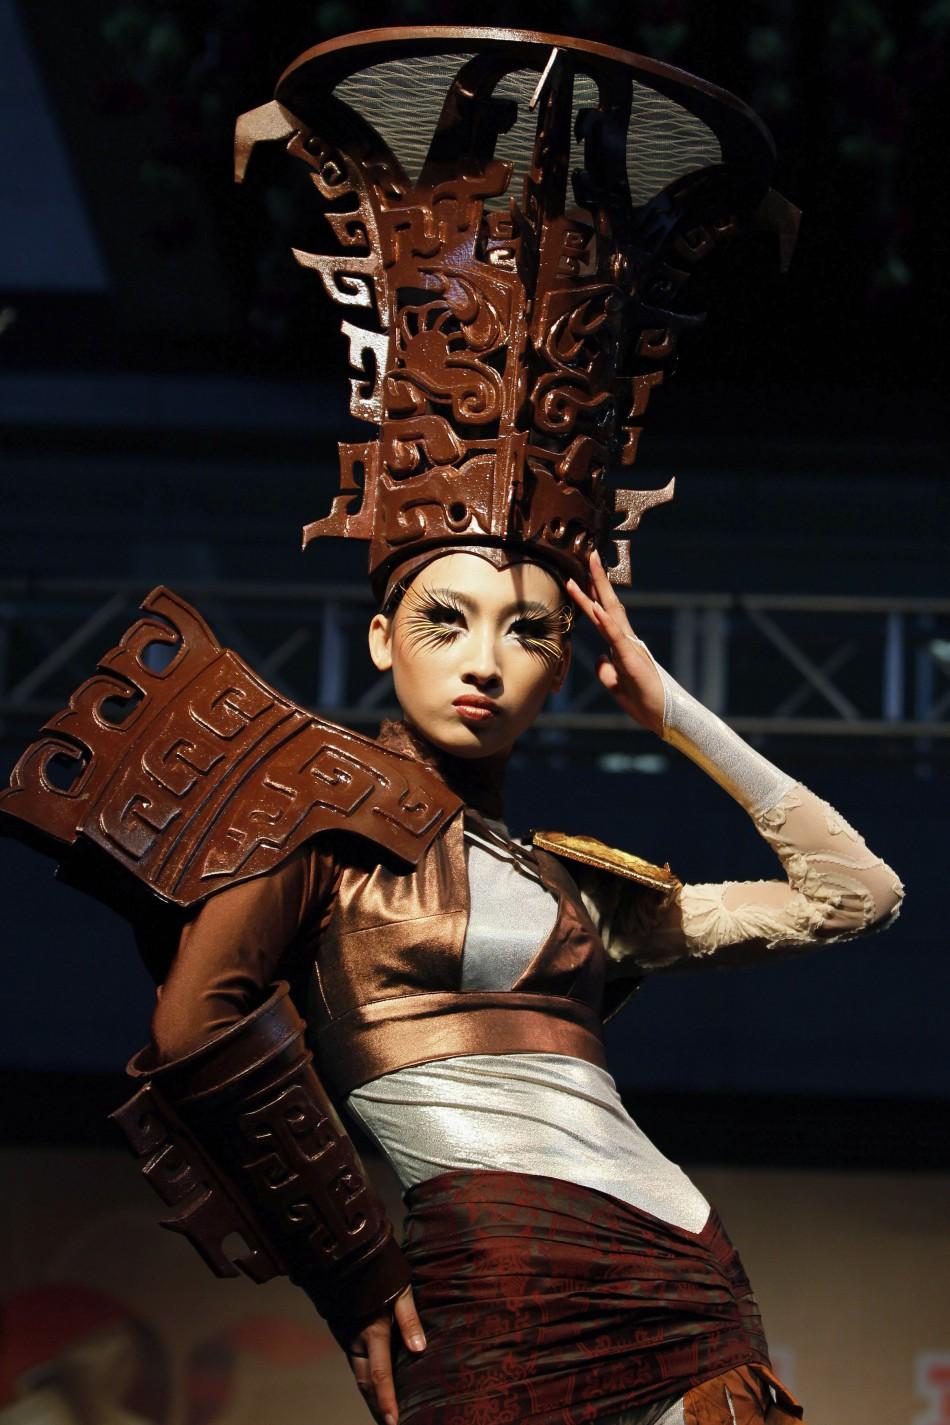 Sfilata në çokollatë, modeles i shkrin fustani në pasarelë 67783_1